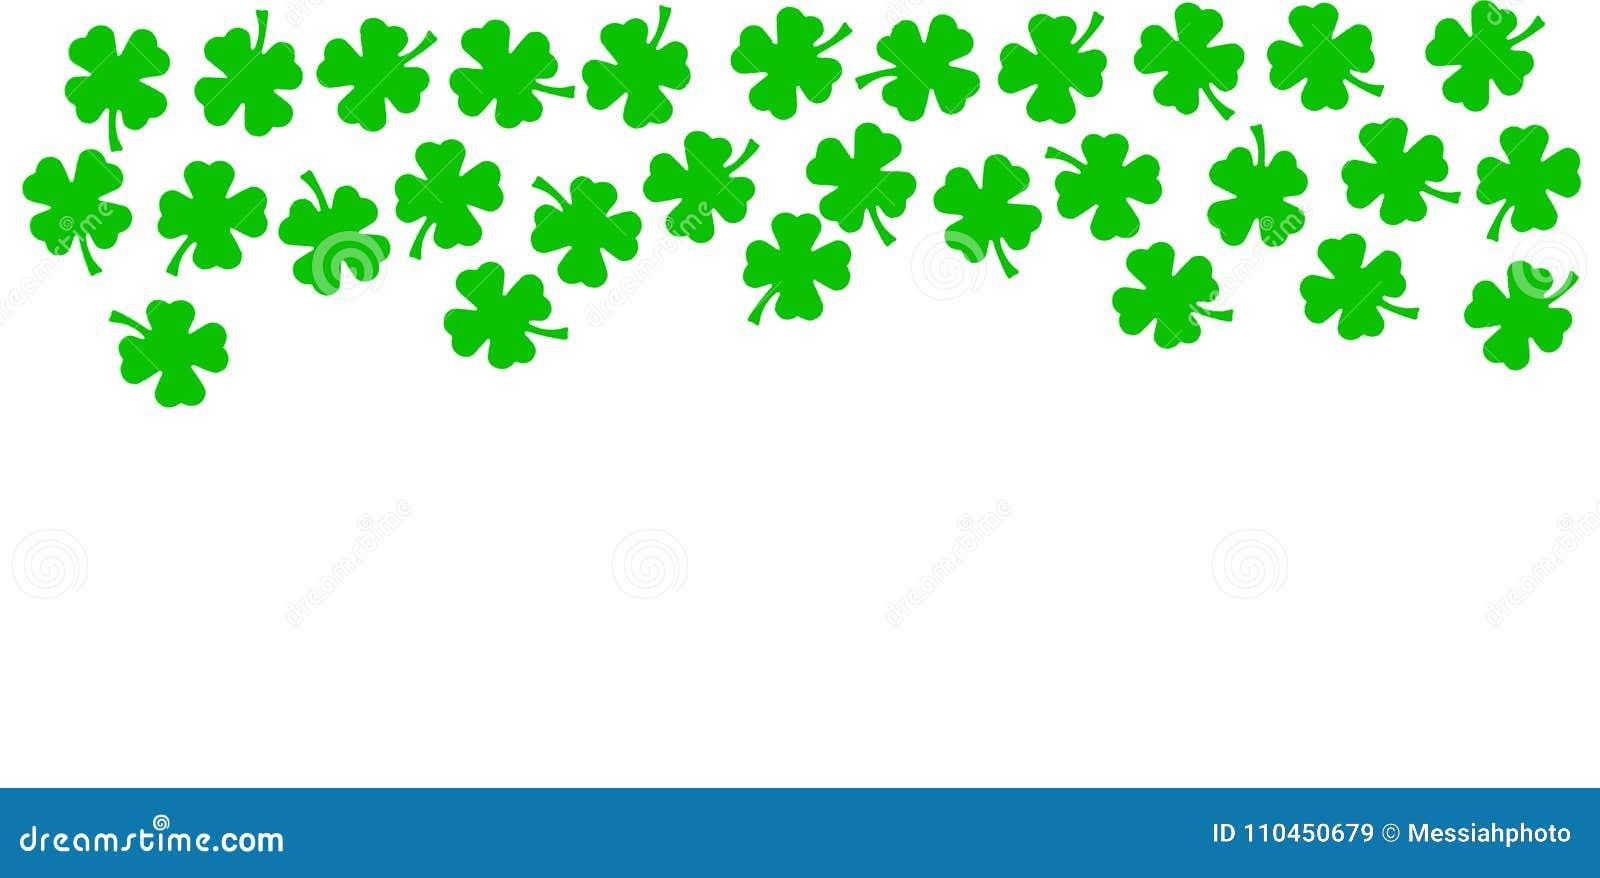 Bakgrund för dag för St Patricks festlig - övregräns av gröna quatrefoils som isoleras på vit bakgrund